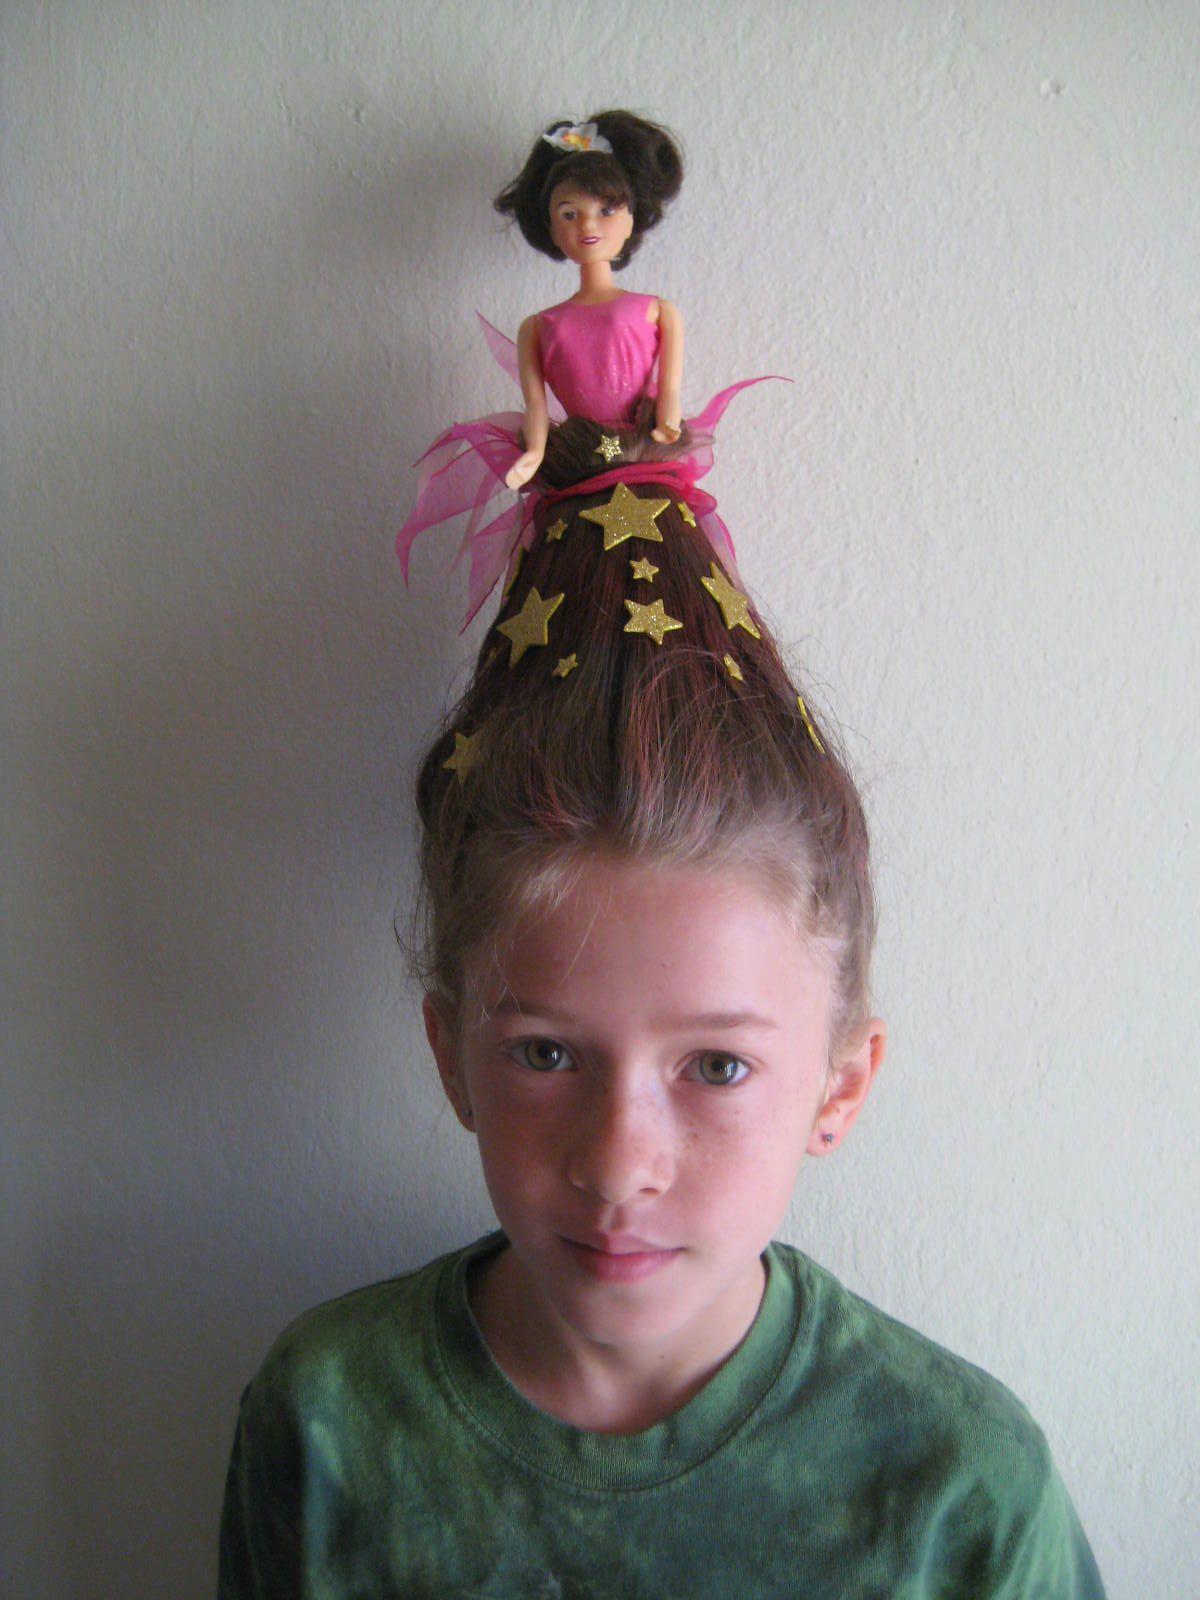 Hermoso peinados raros mujer Fotos de tendencias de color de pelo - Image result for crazy hair day | Wacky hair, Wacky hair ...